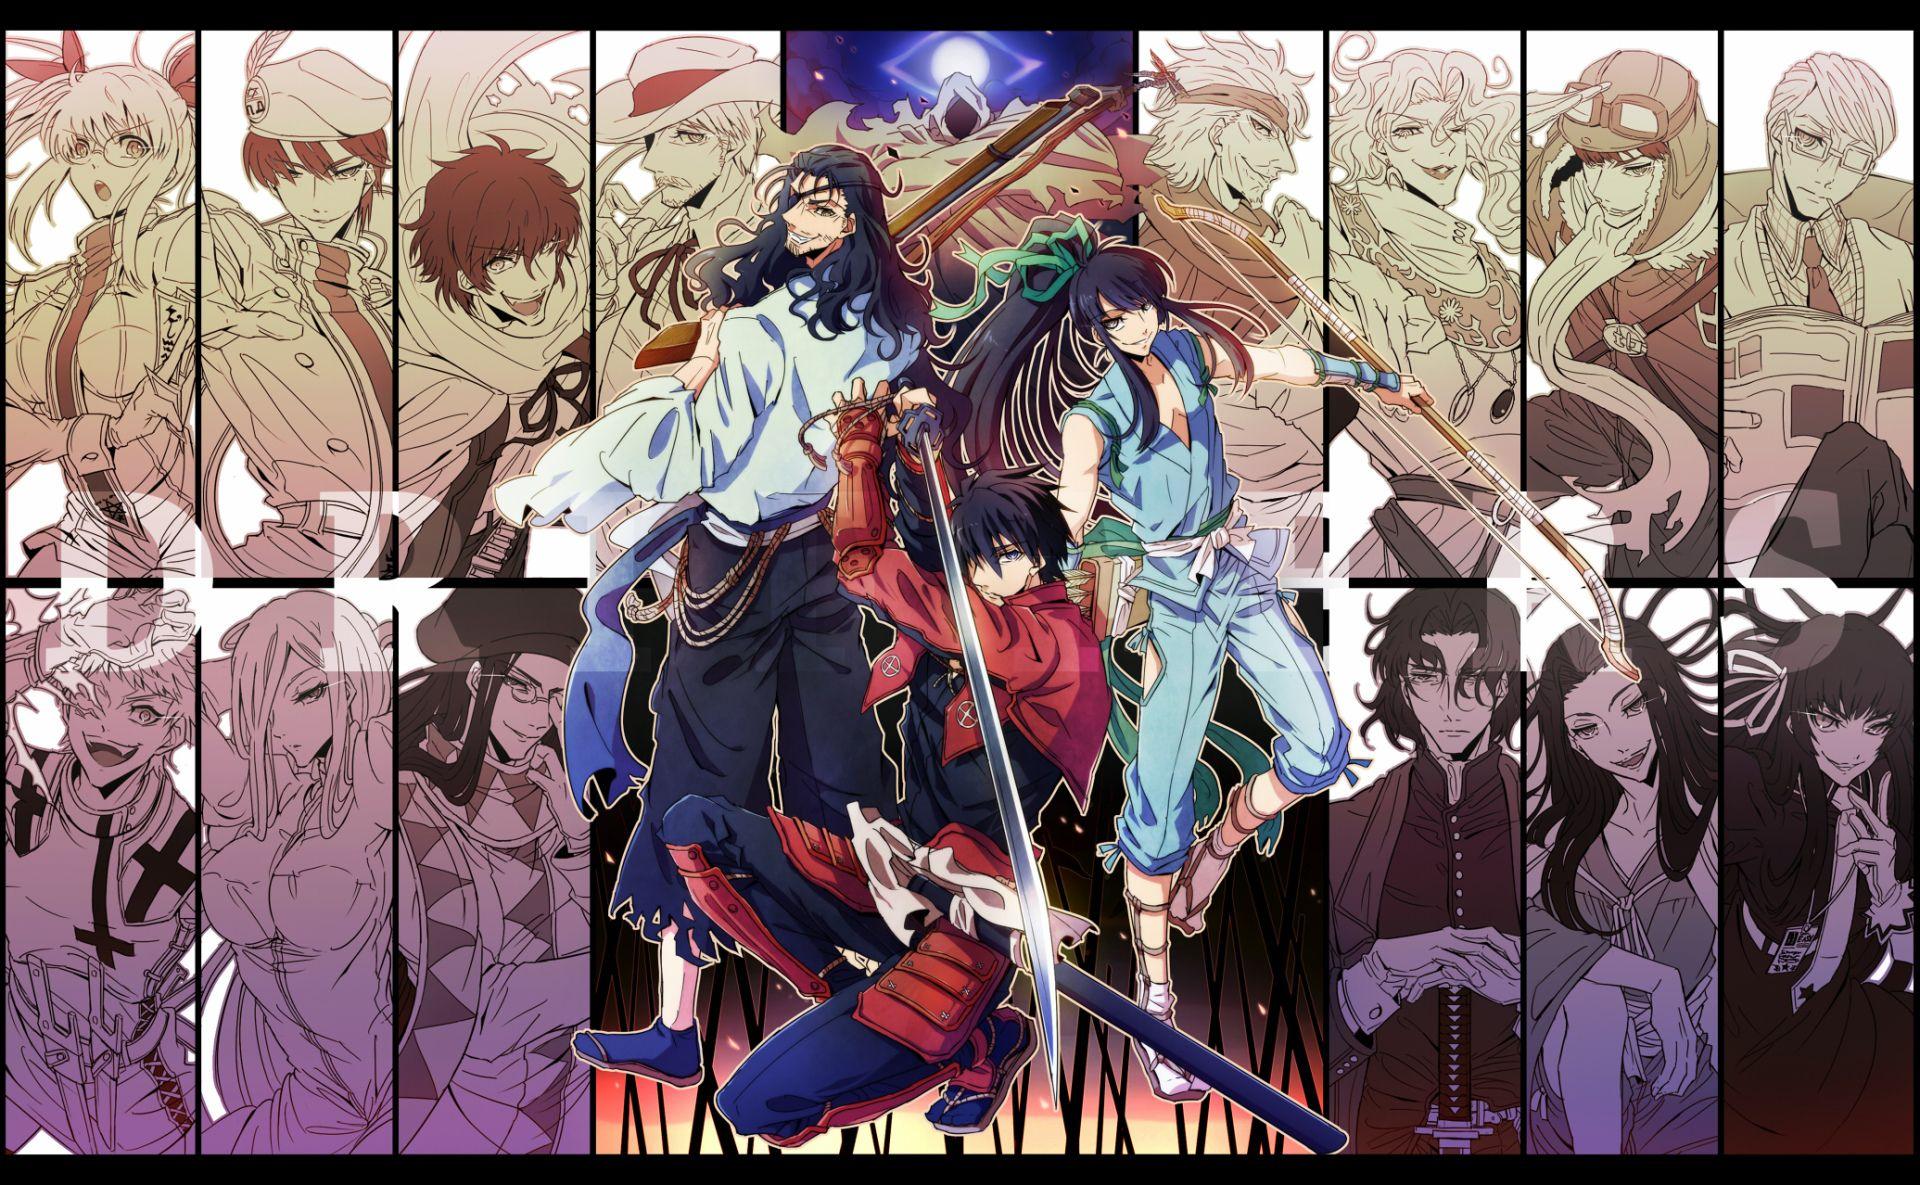 Anime Drifters Wallpaper Anime, Anime wallpaper